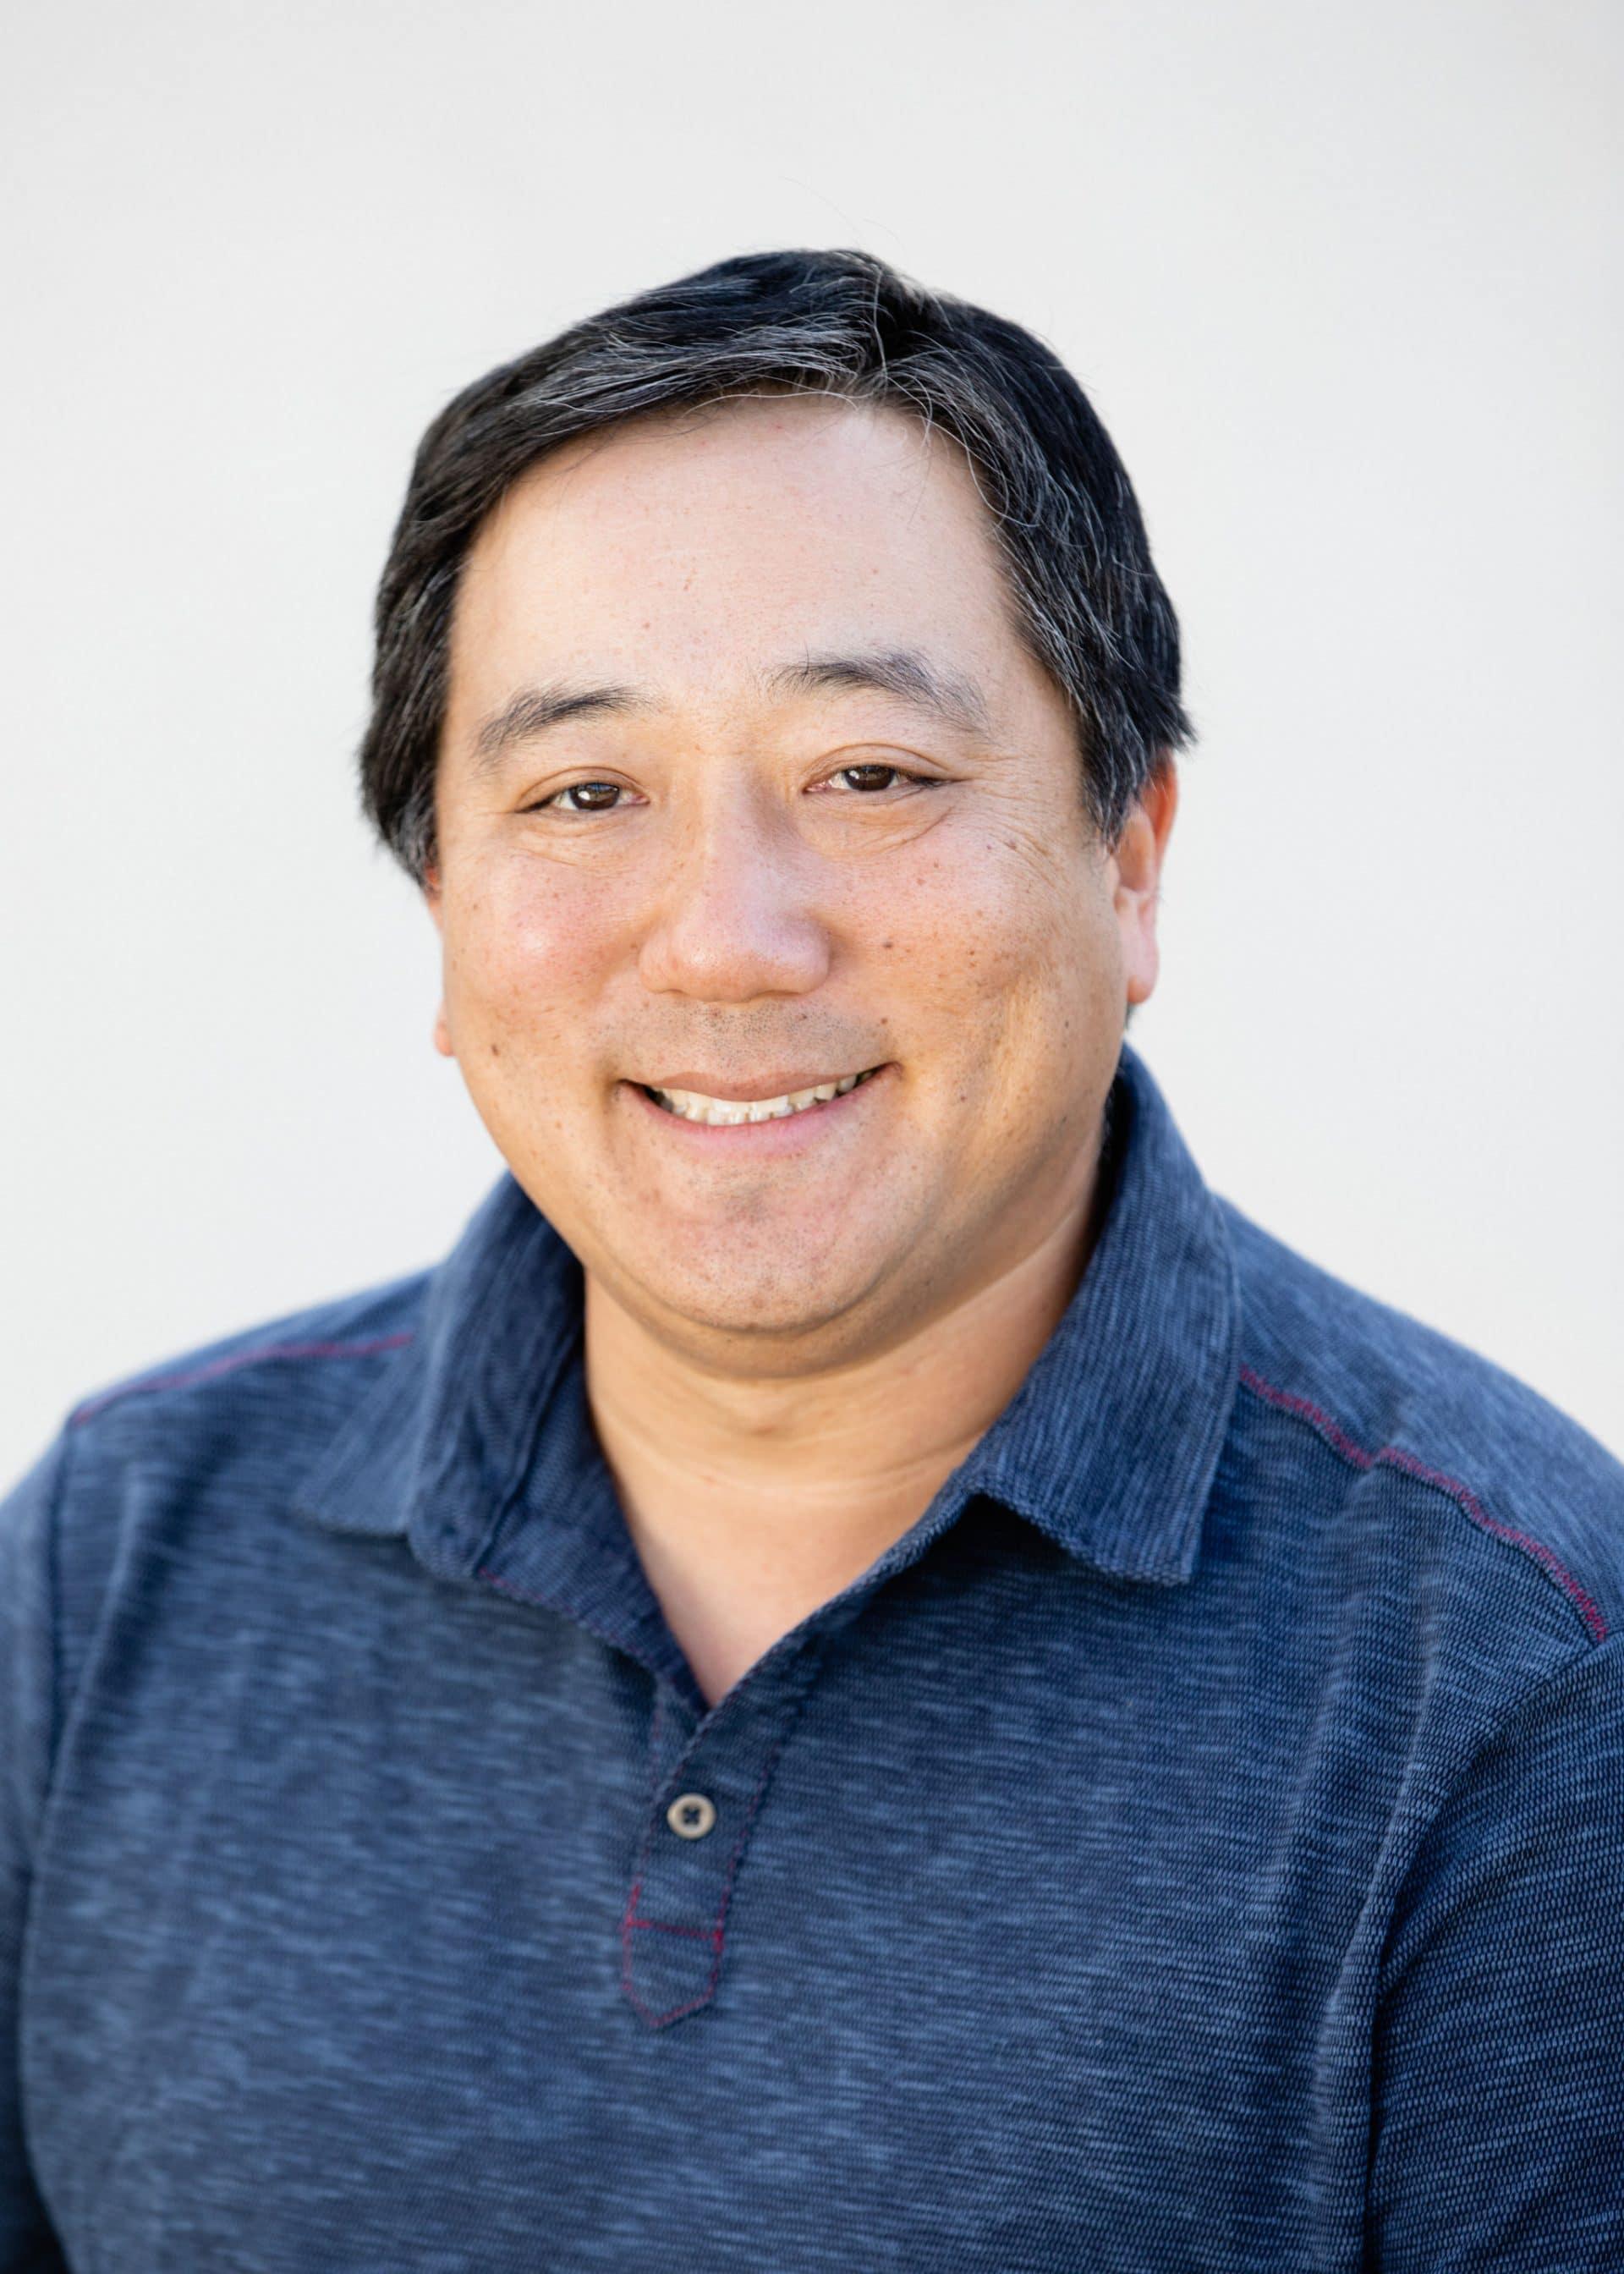 Brian Kosobayashi